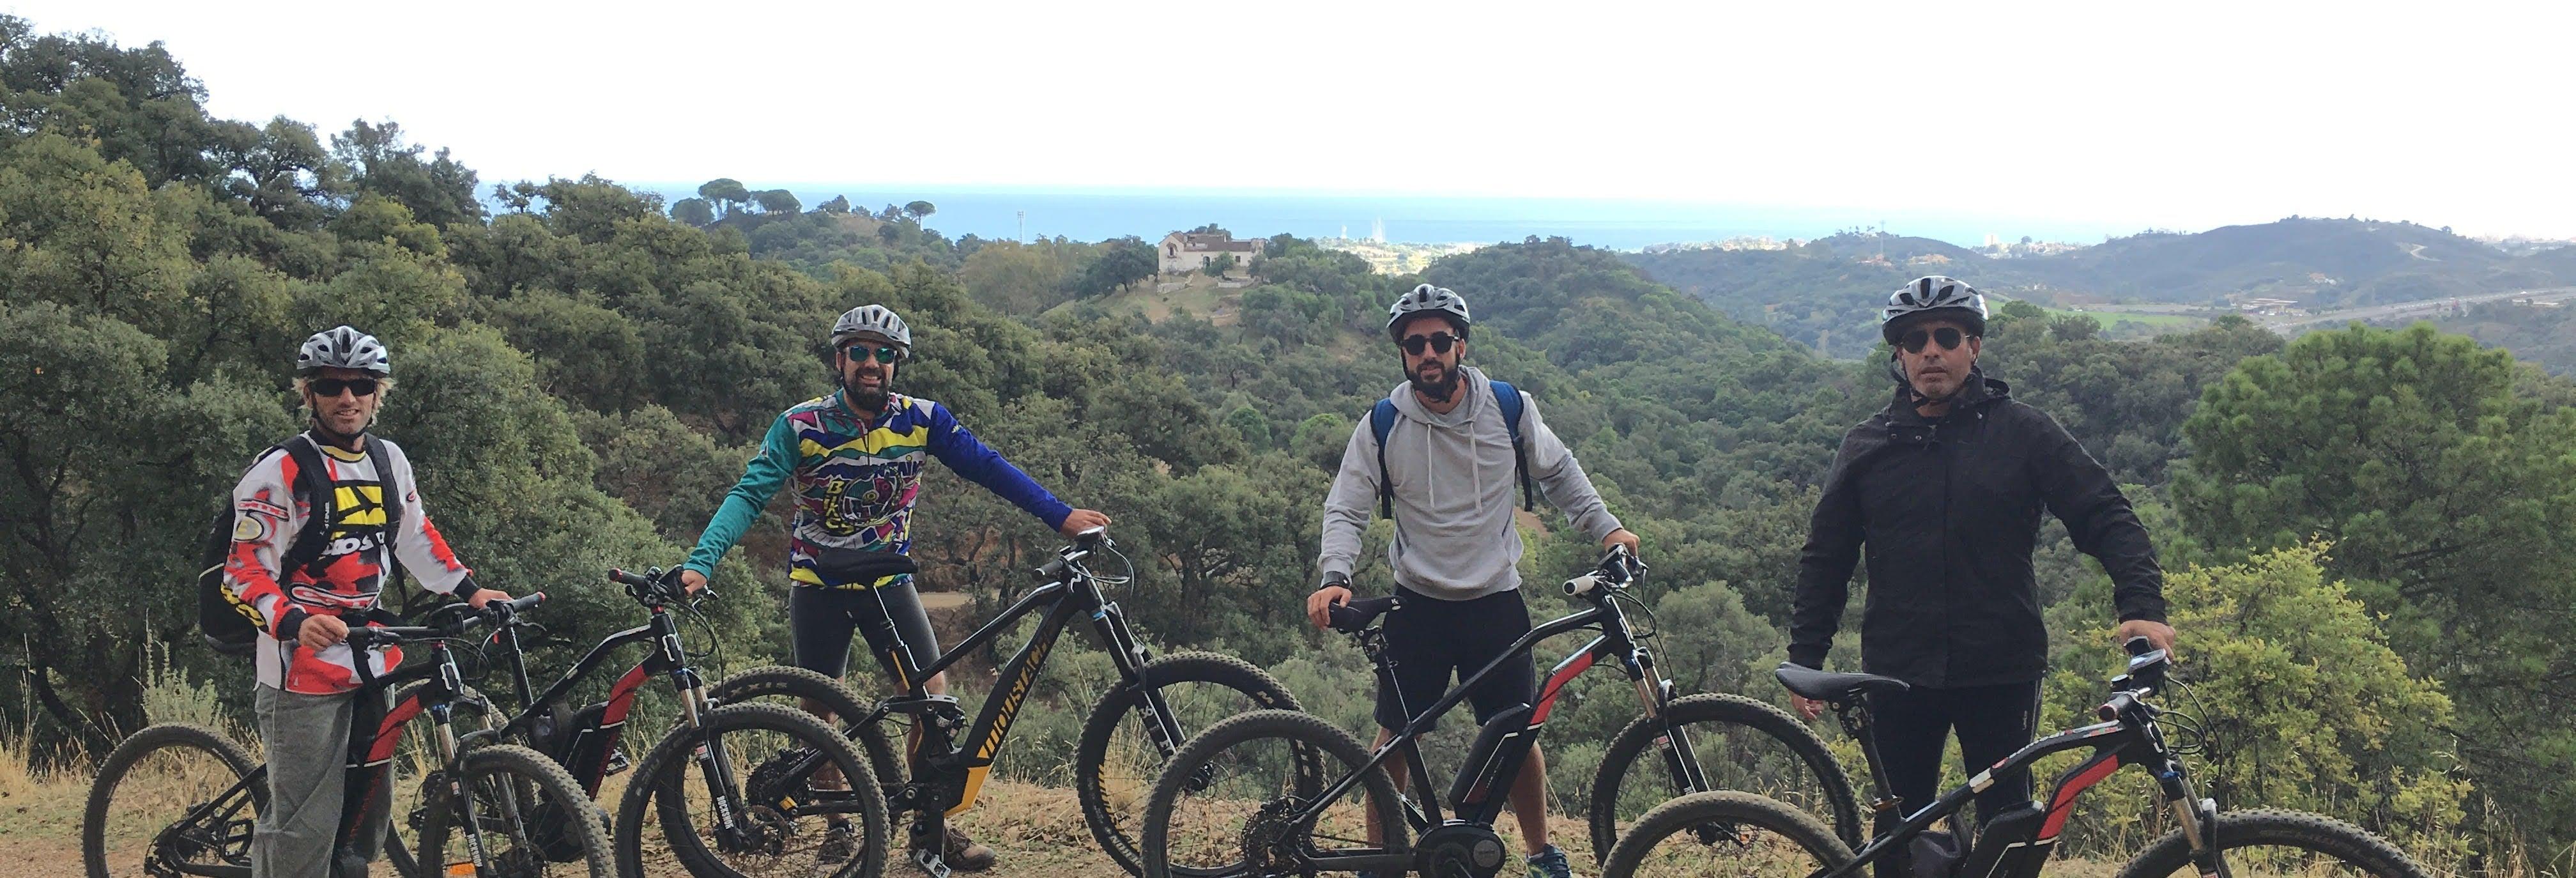 Malaga Mountain Electric Bike Ride